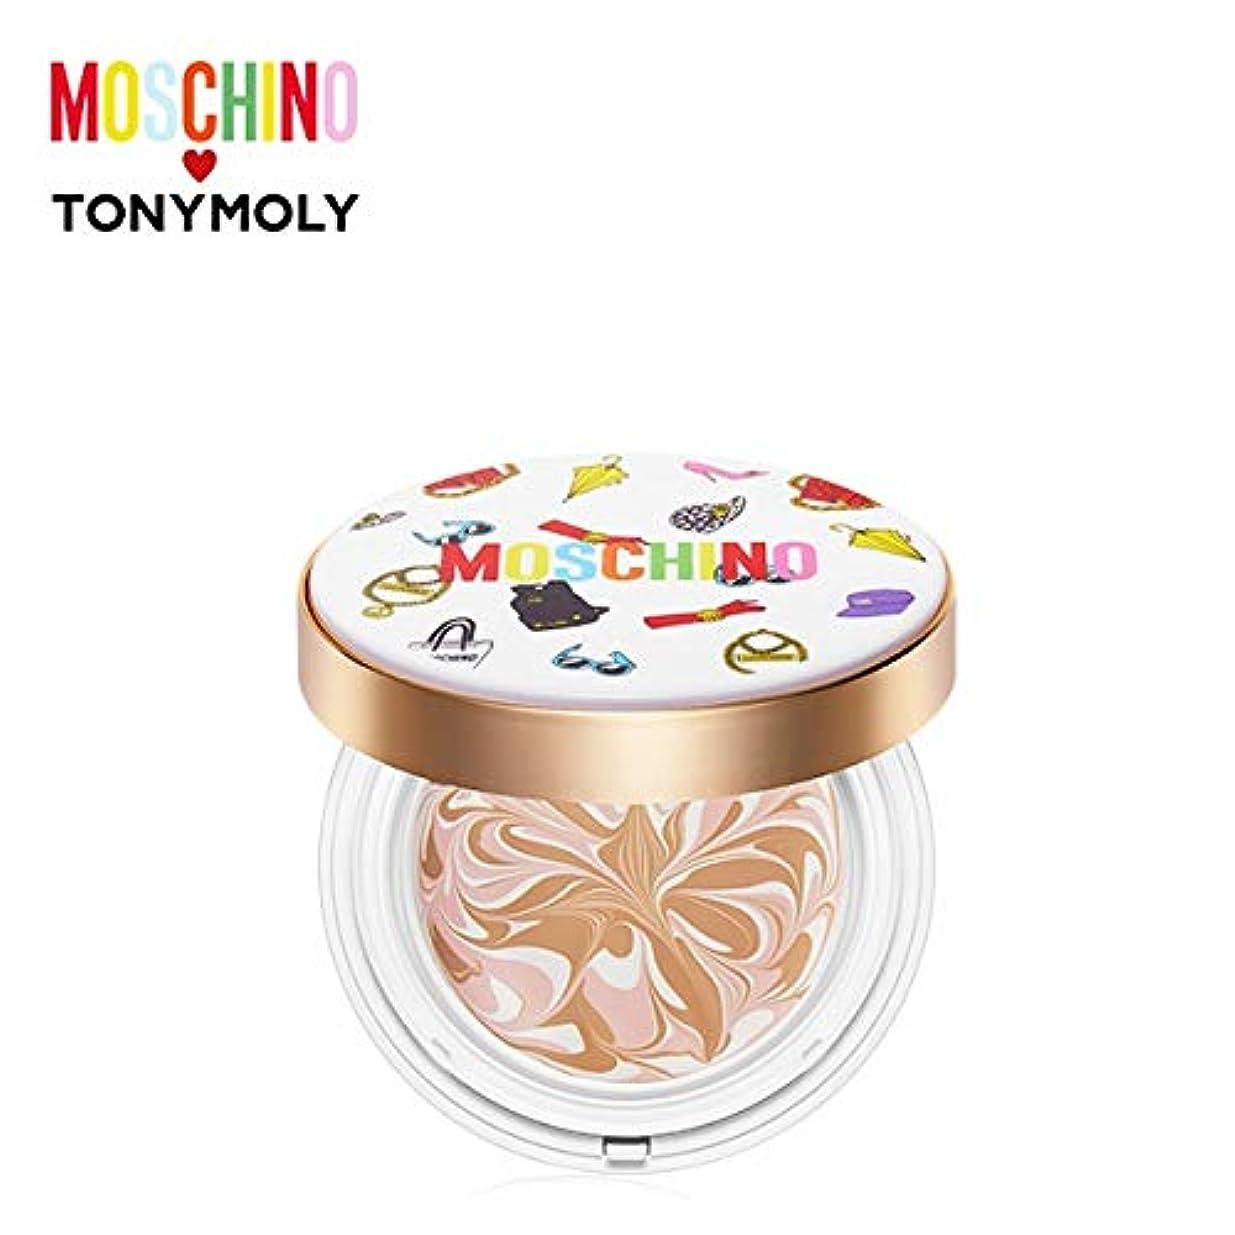 マルクス主義転倒示すトニーモリー [モスキーノ] シック スキン エッセンス パクト 18g TONYMOLY [MOSCHINO] Chic Skin Essence Pact #01 CHIC VANILLA [並行輸入品]